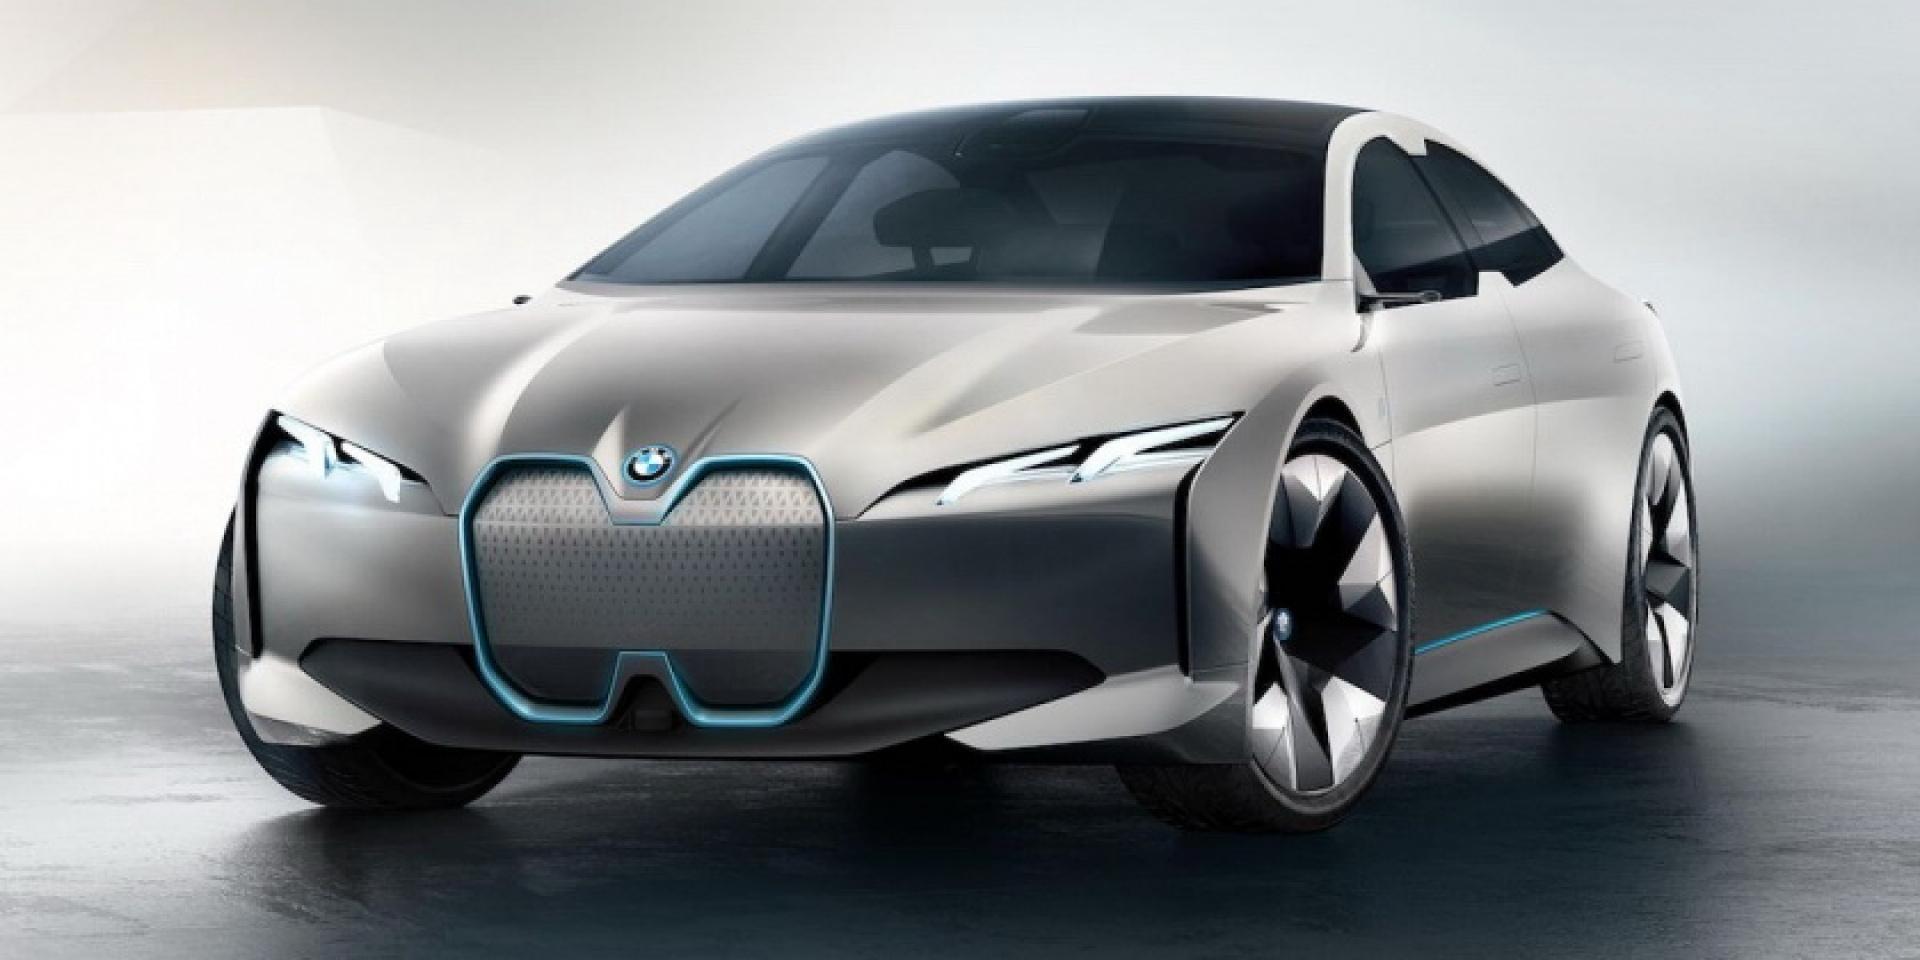 電動車將主宰市場,BMW到2025年將推出25款電動車型!